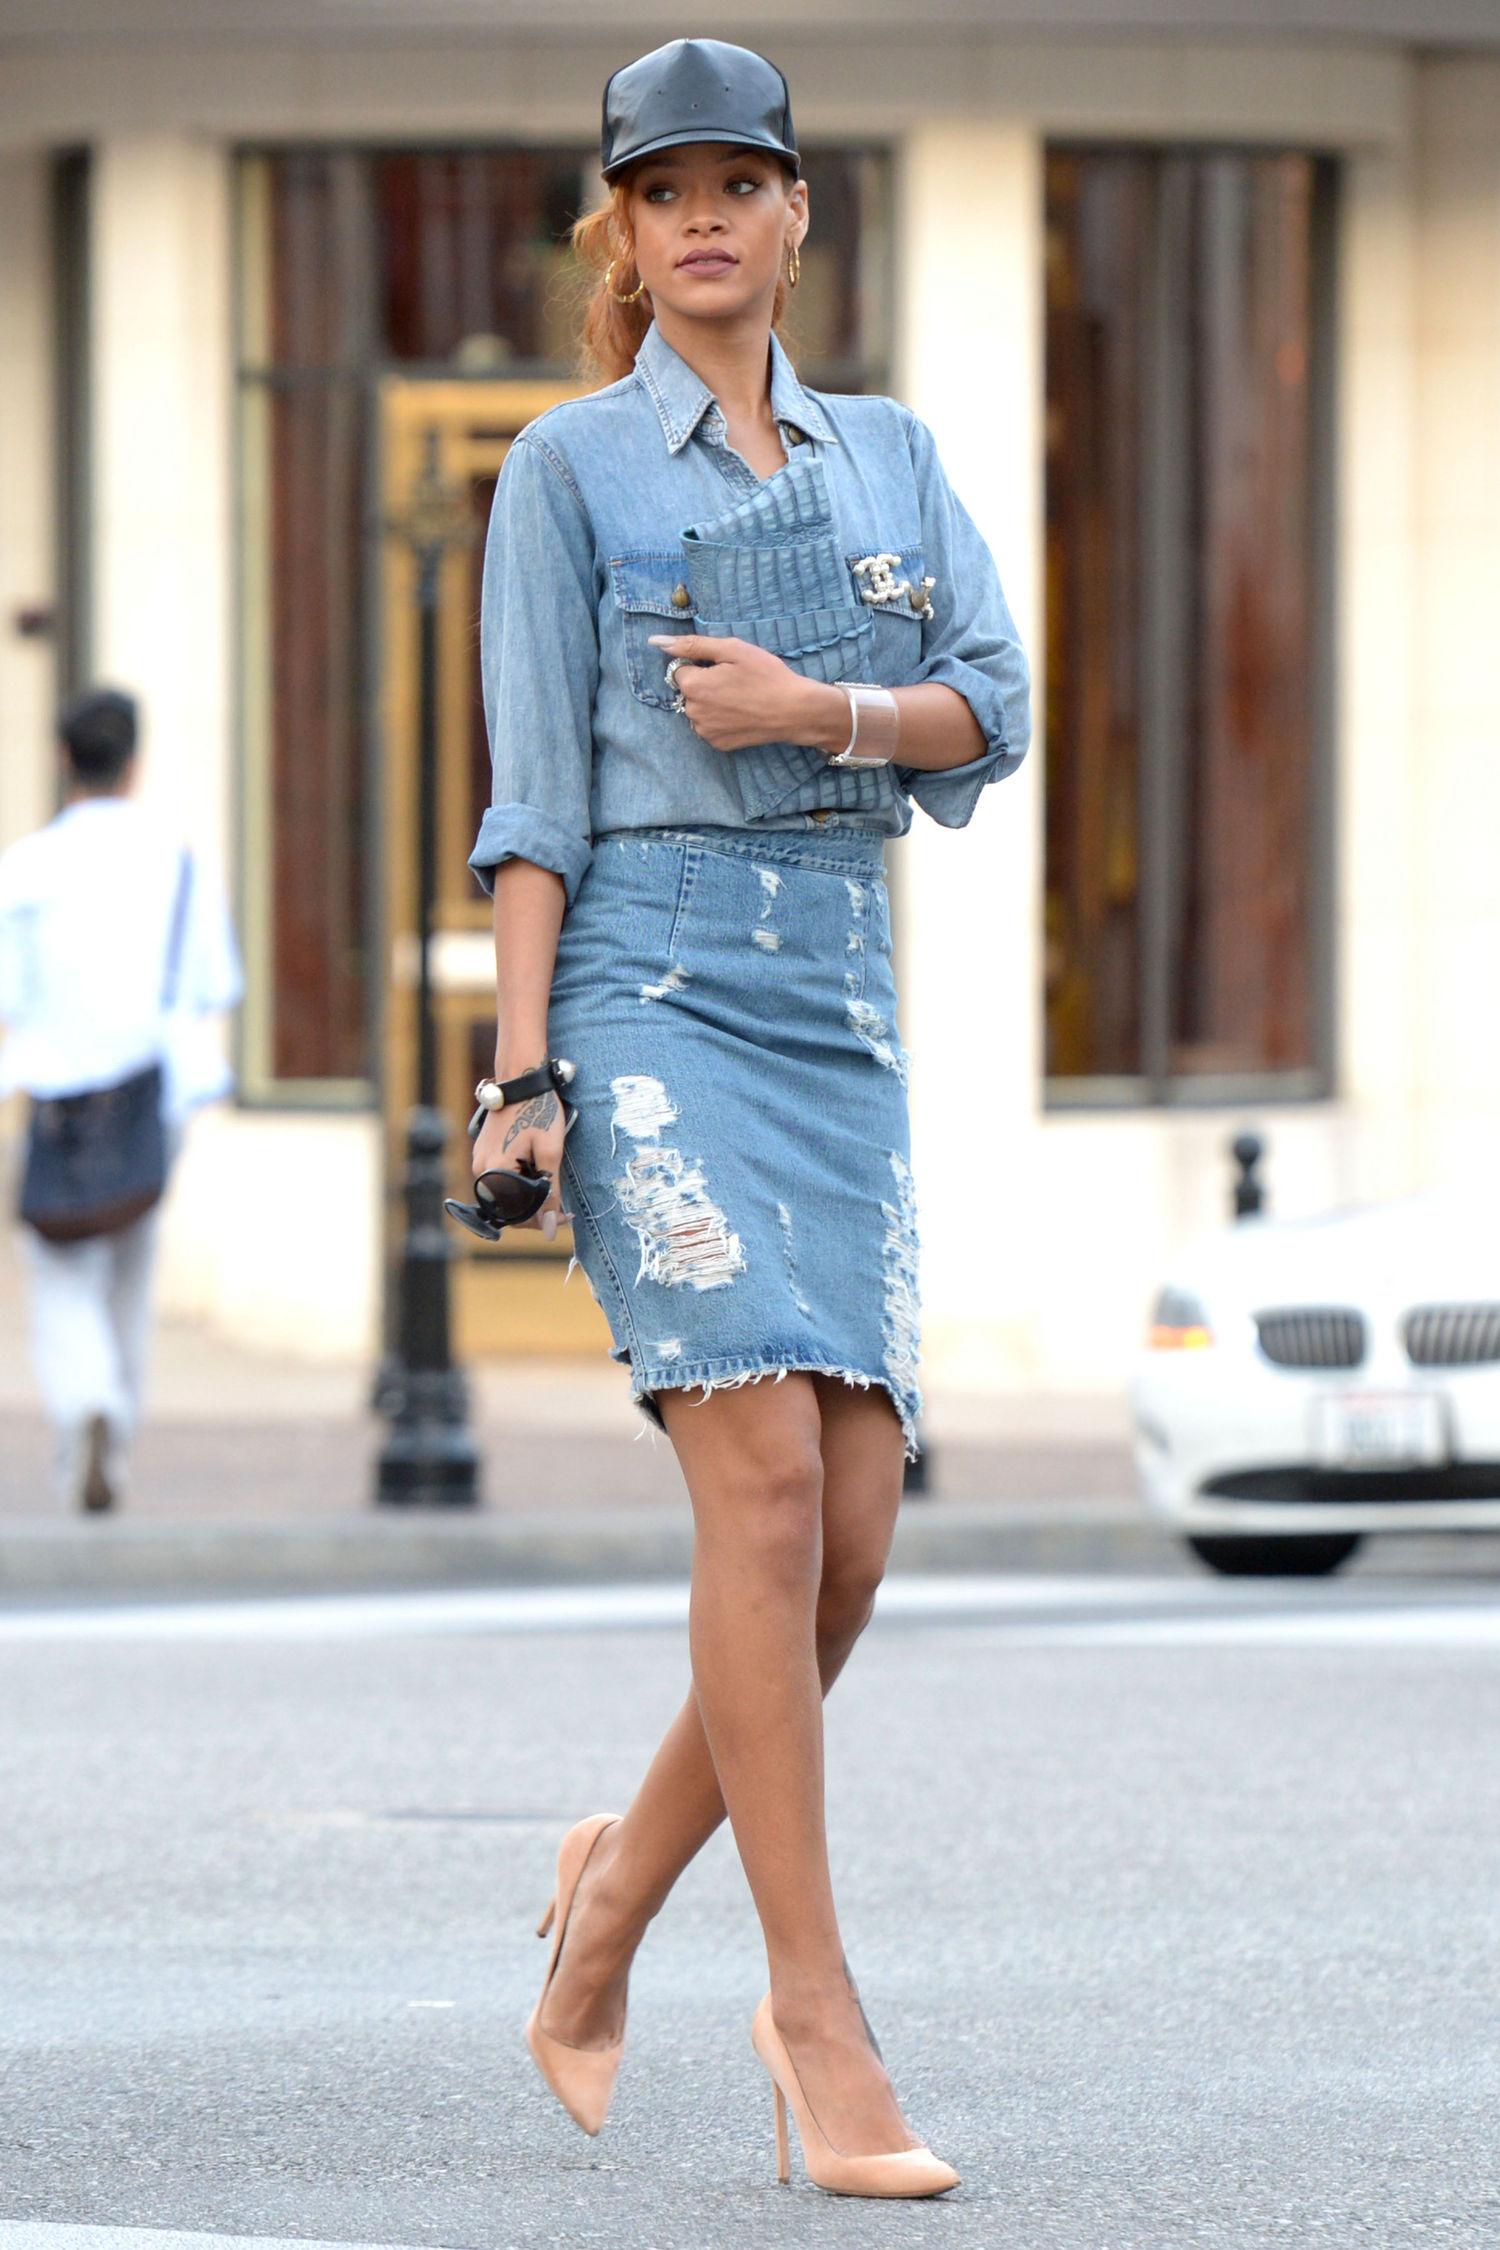 rihanna-denim-on-denim-outfit-jean-skirt-main